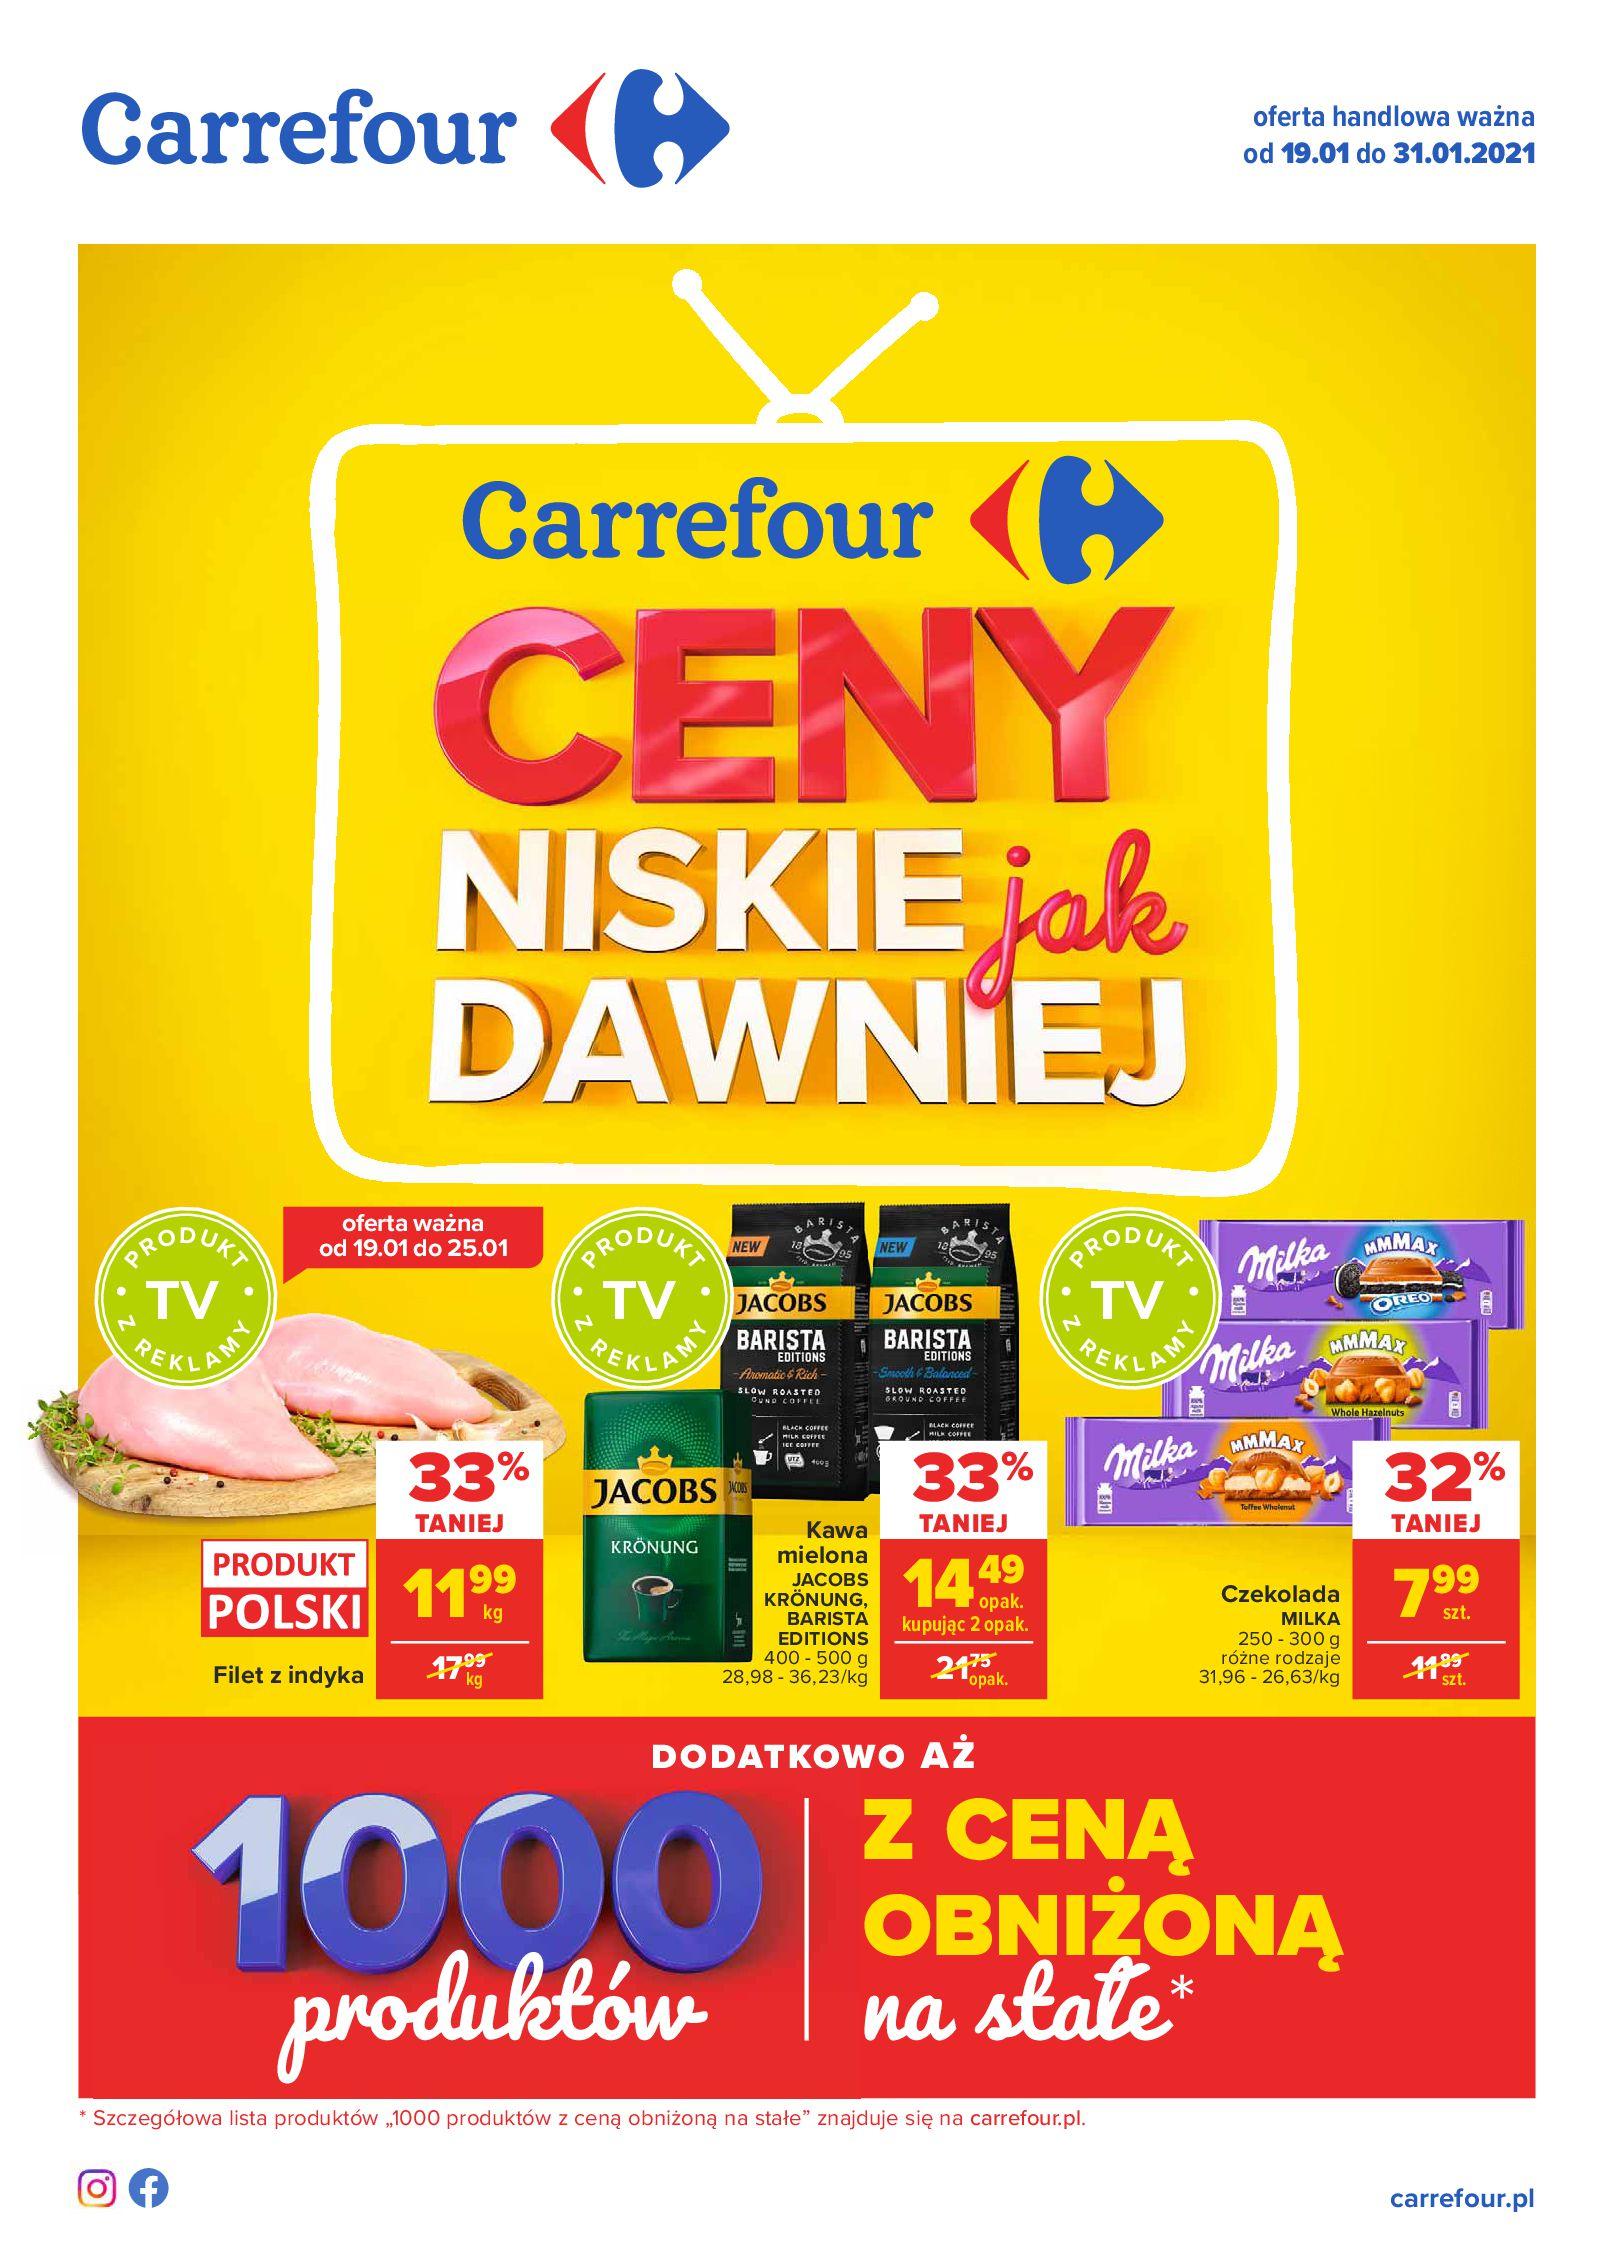 Carrefour:  Ceny niskie jak dawniej - Carrefour 18.01.2021